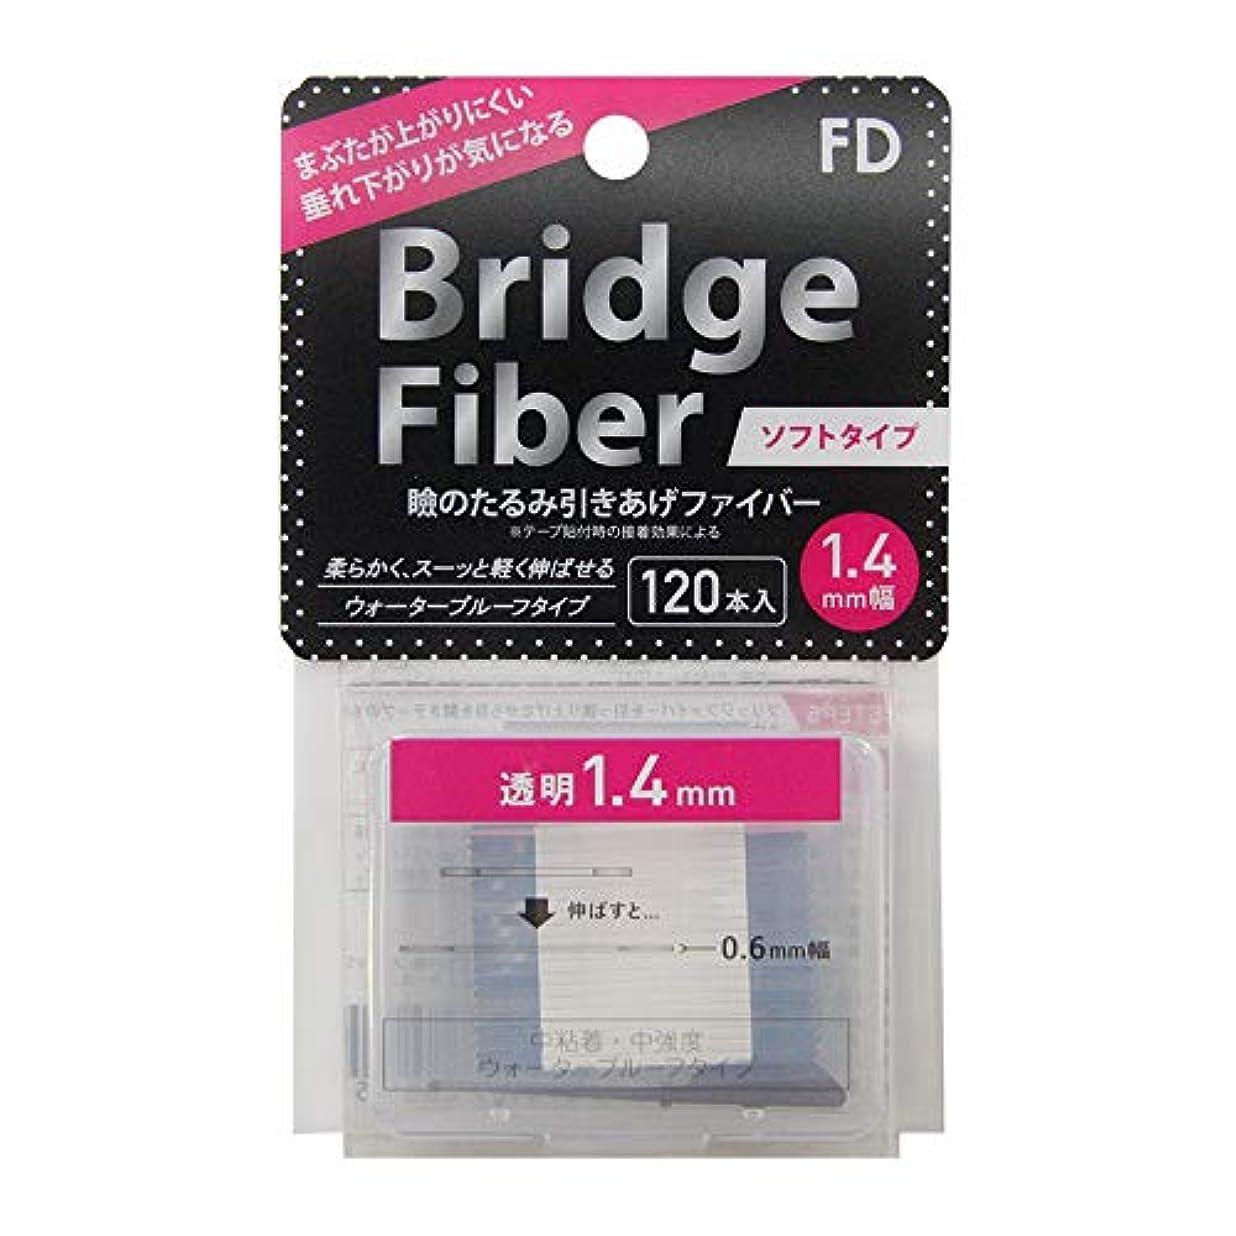 倒錯とらえどころのないまもなくFD ブリッジソフトファイバー 眼瞼下垂防止テープ ソフトタイプ 透明1.4mm幅 120本入り